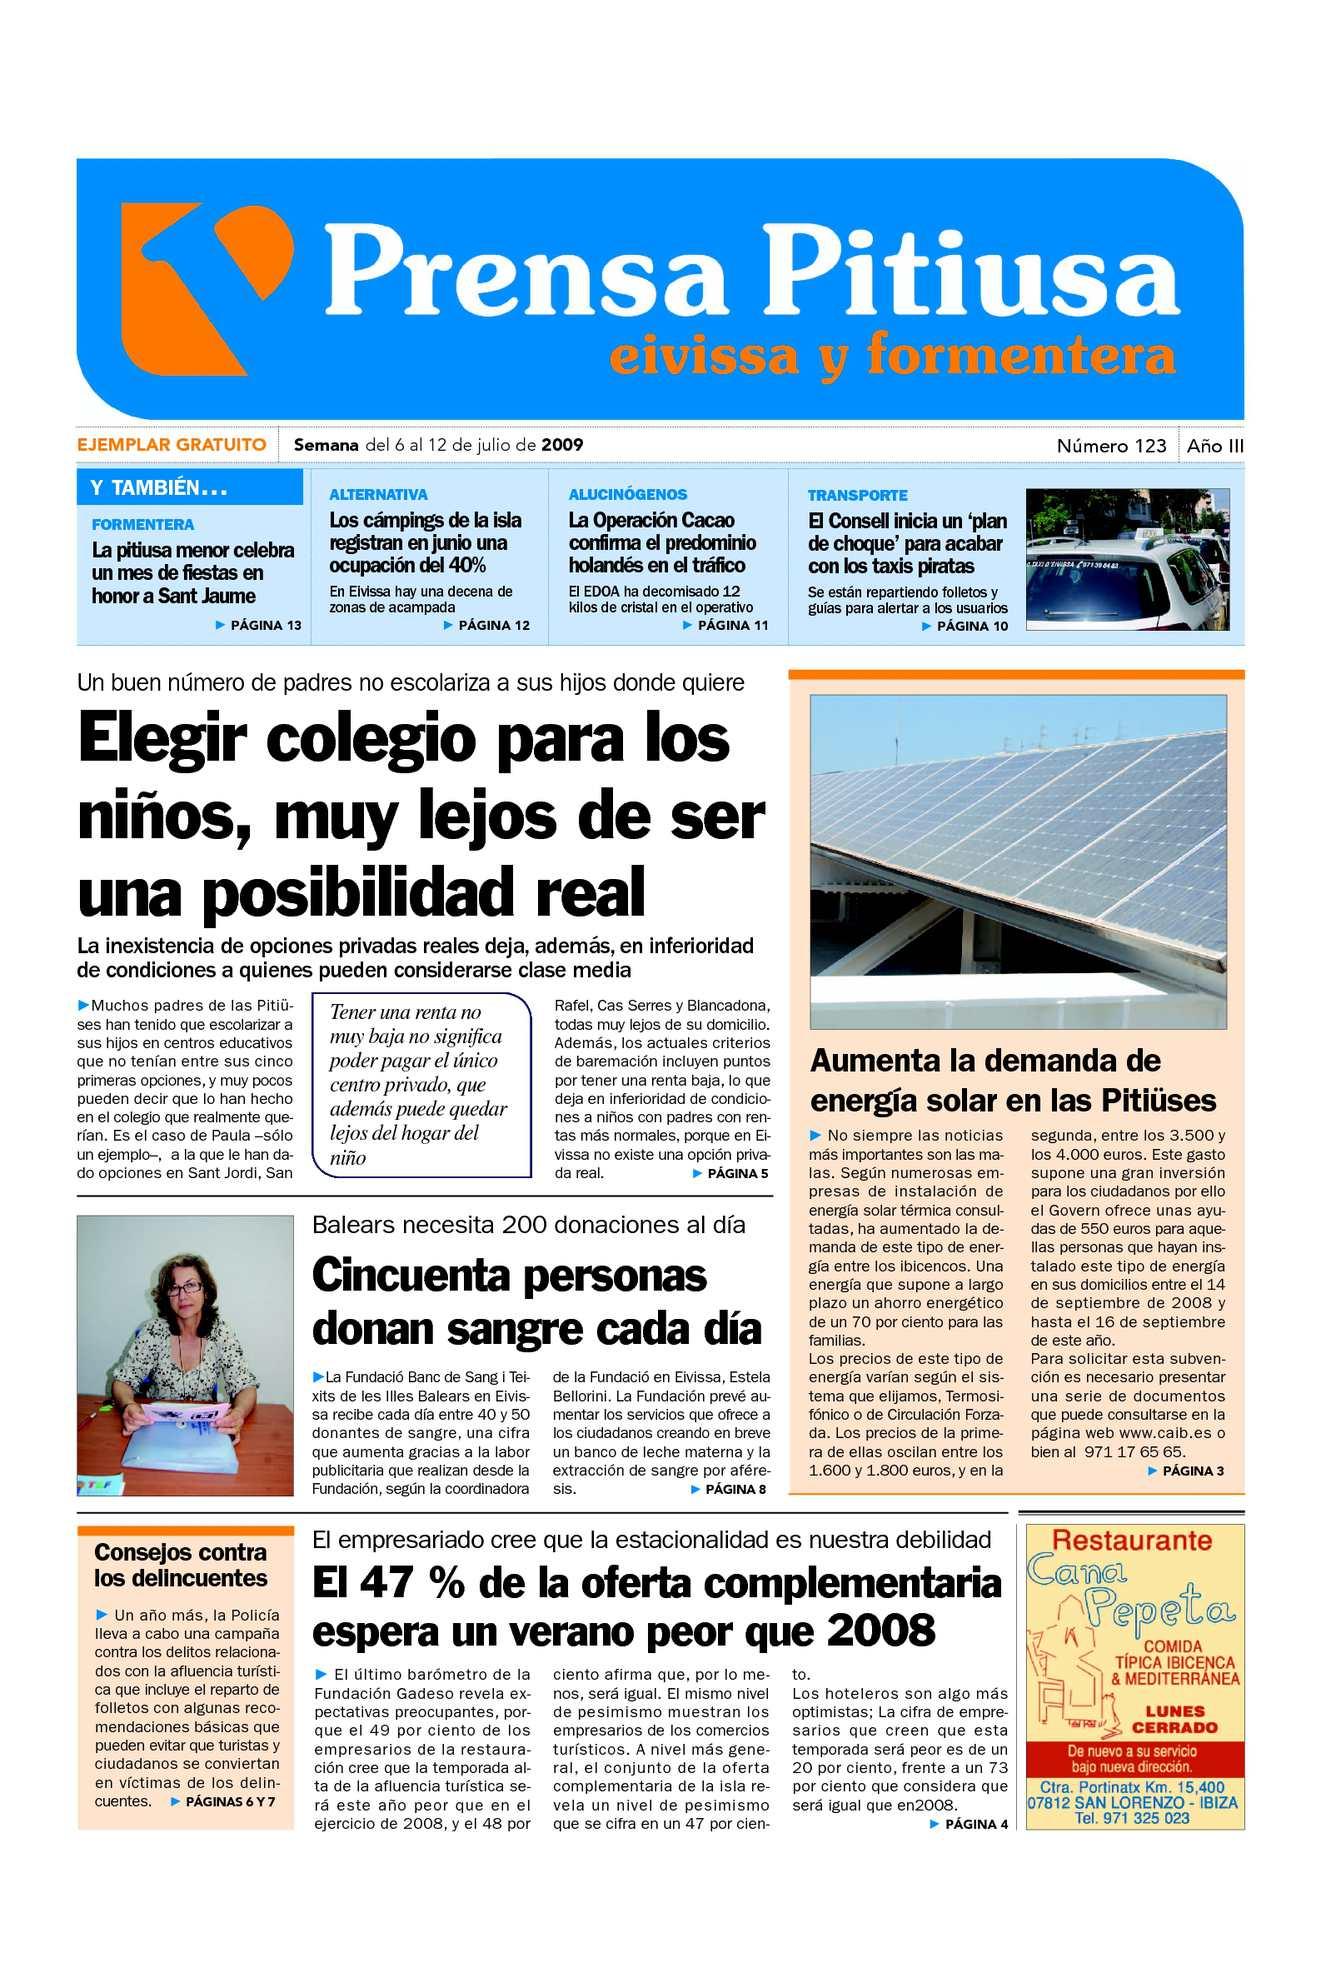 Calaméo - Prensa Pitiusa edición n 123